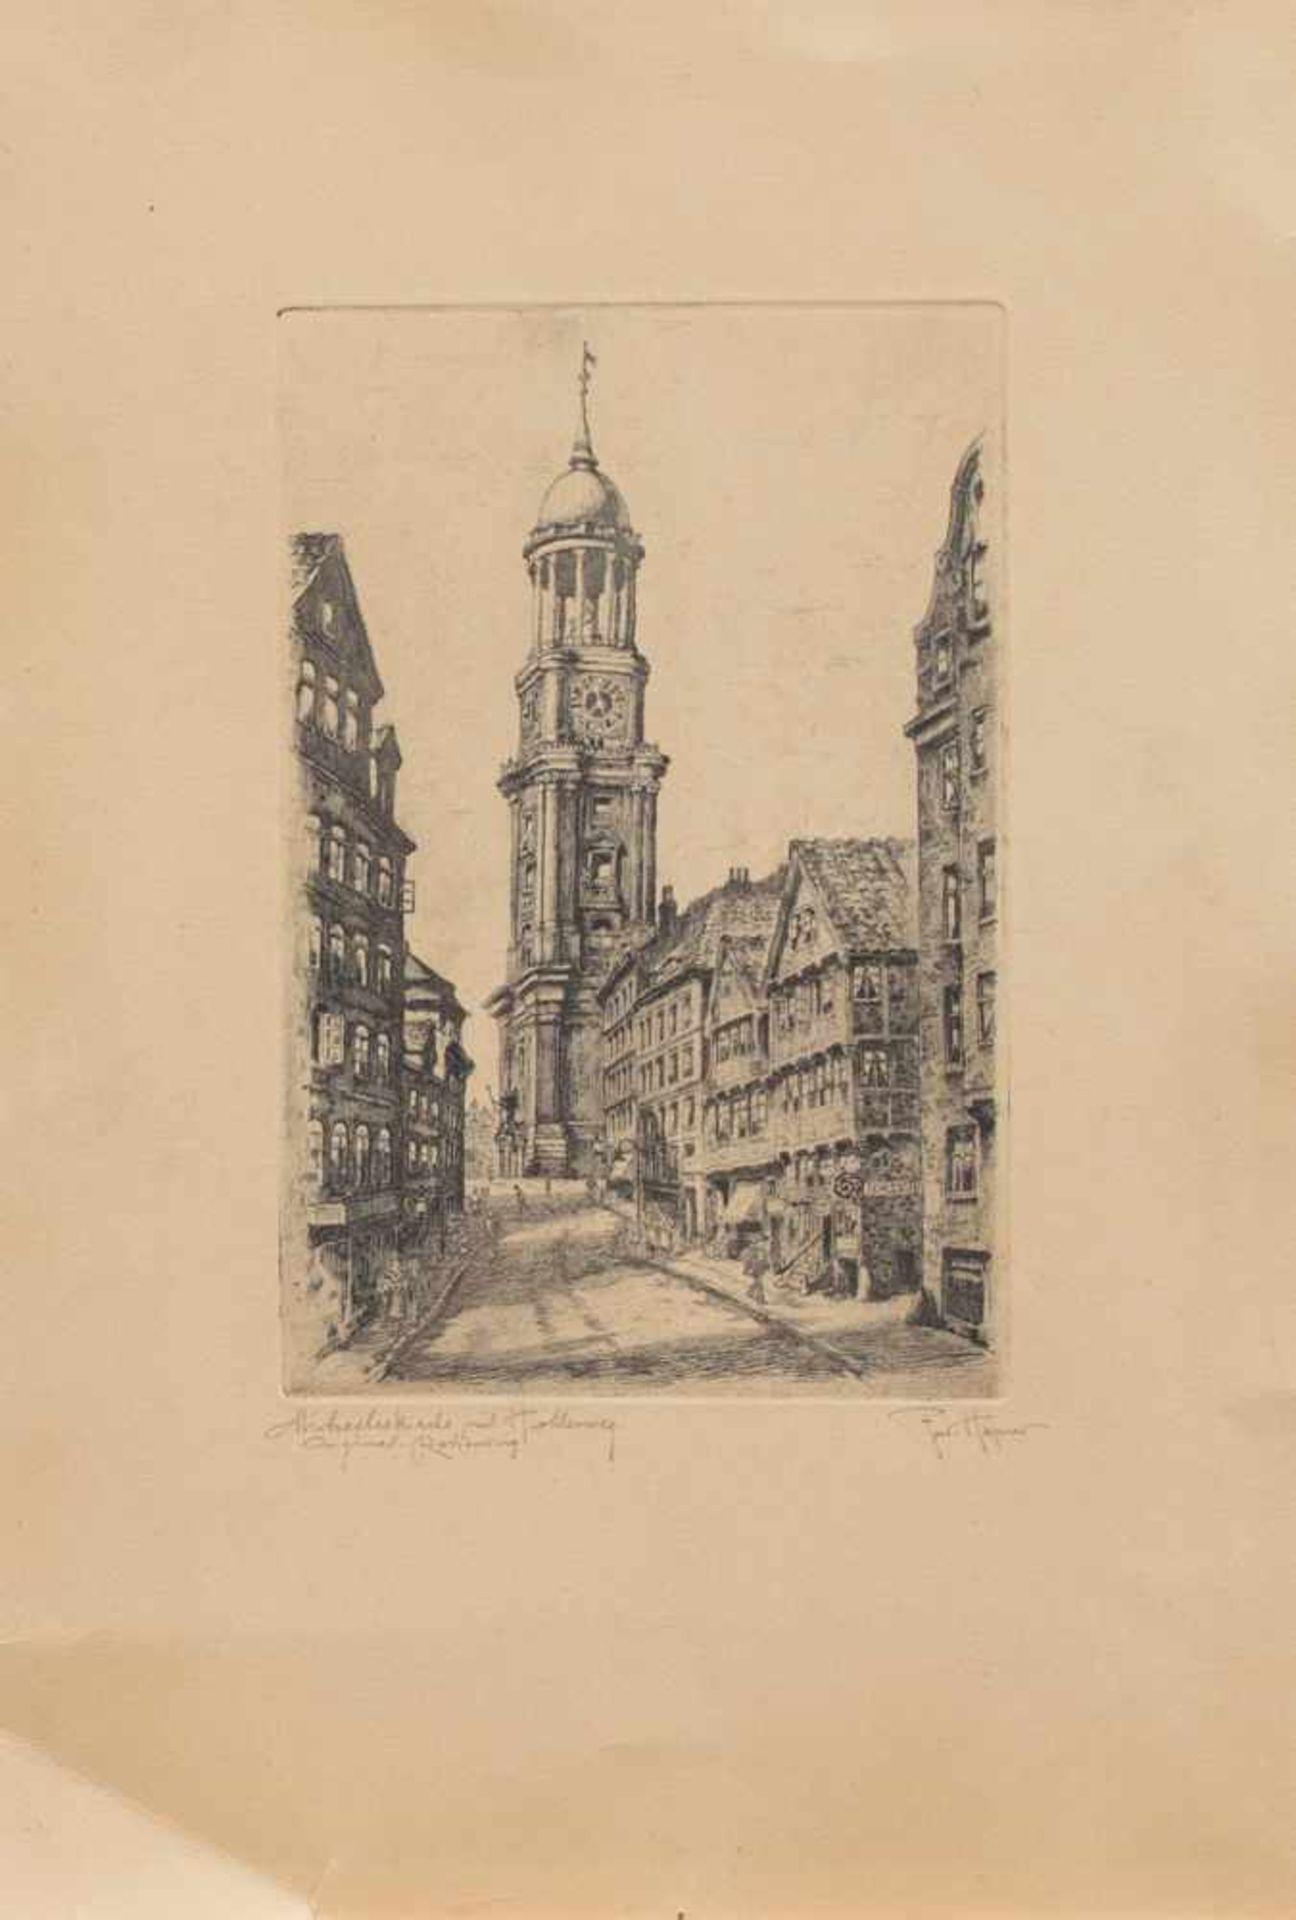 Los 4 - Ferdinand Höpner (Hamburg 1882 - 1967 ebenda, deutscher Radierer u. Zeichner, lebte u. arbeitete